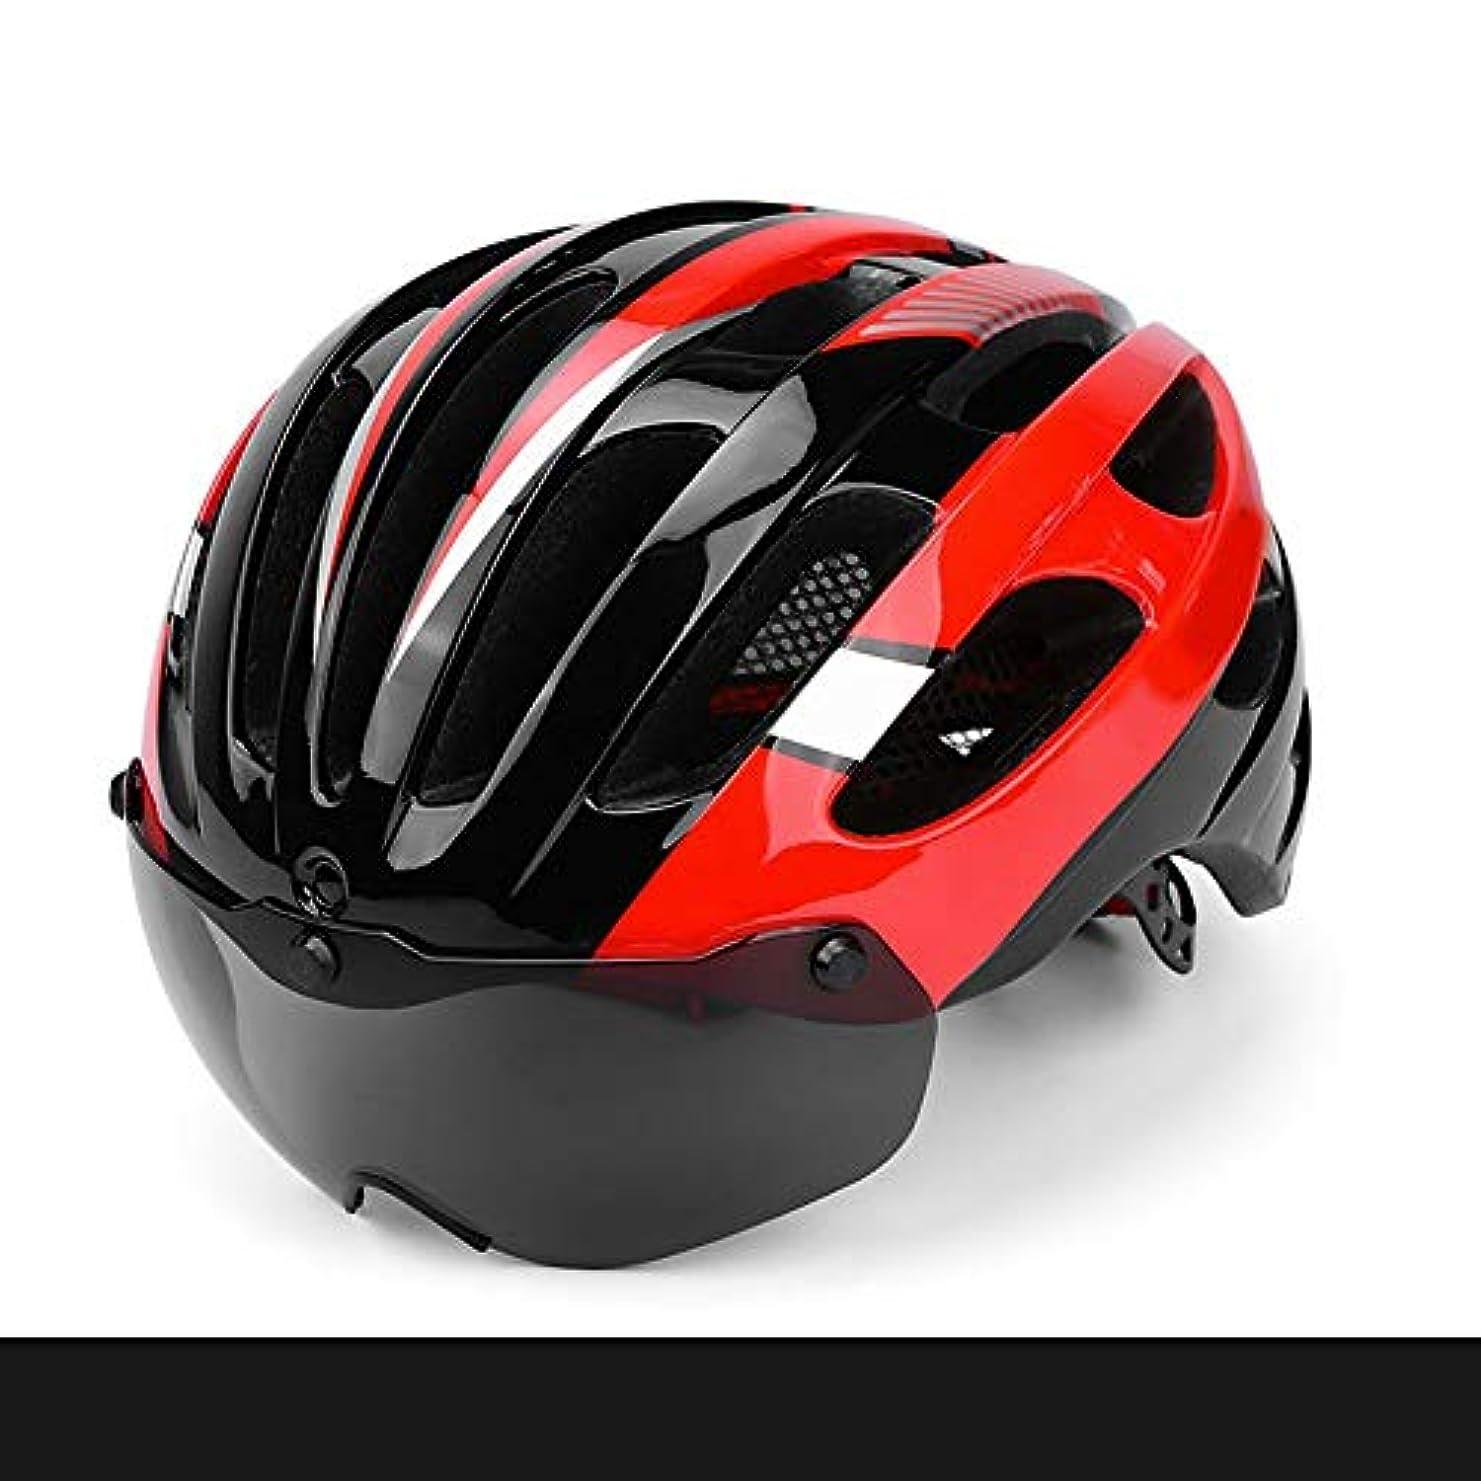 視線遺跡生産的Safety 安全マウンテンバイク男性と女性のサイクリングヘルメット1磁気メガネロードバイクヘルメット通気性コンフォートヘルメット (色 : Red)